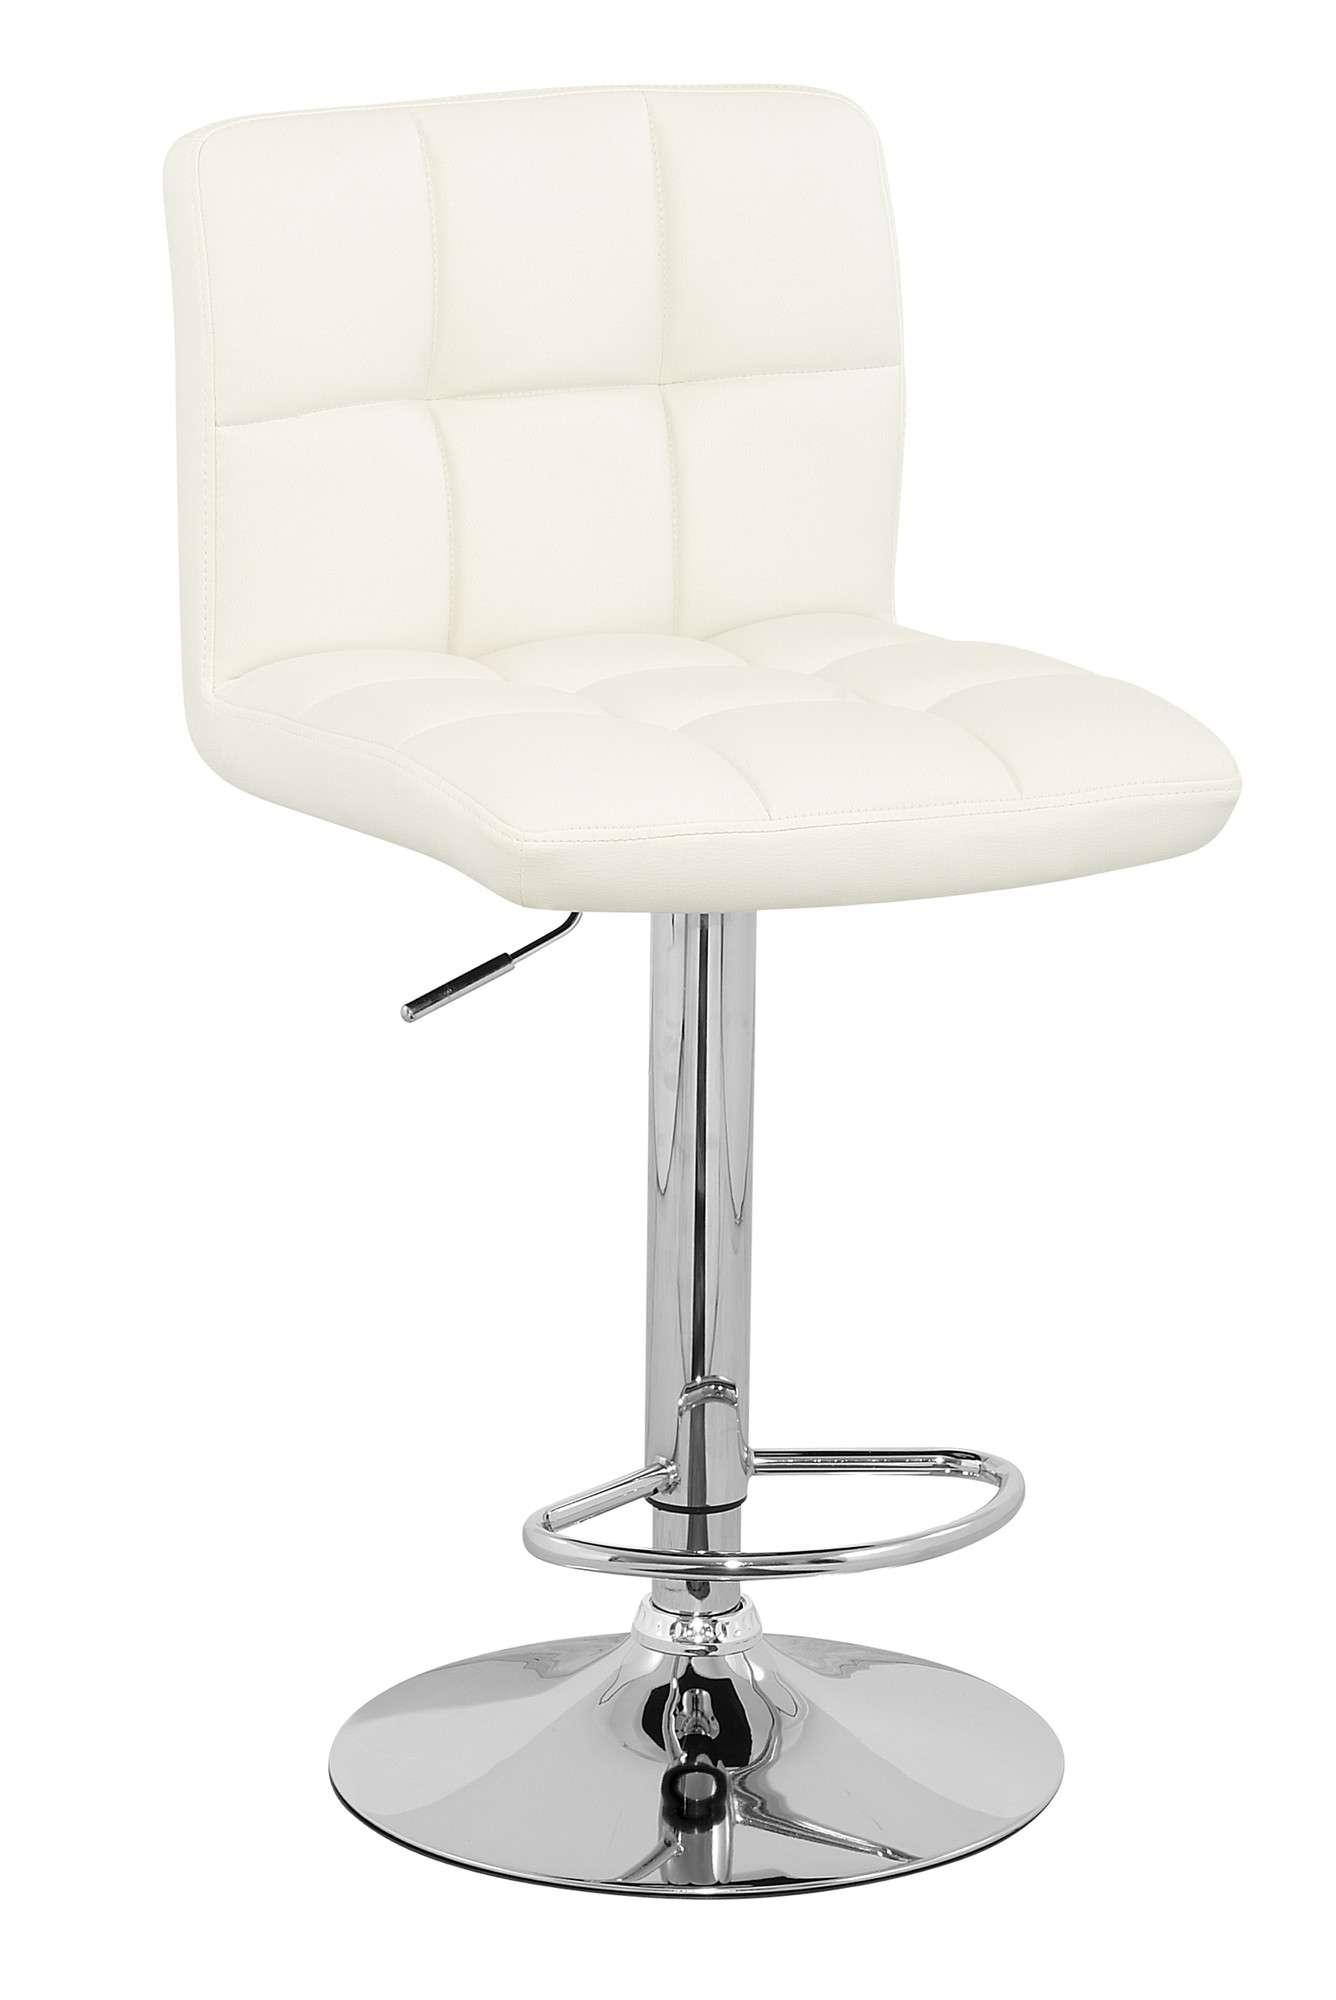 Set 2 sillas banco para cocina barra ajustable cromado mn4 for Sillas barra cocina